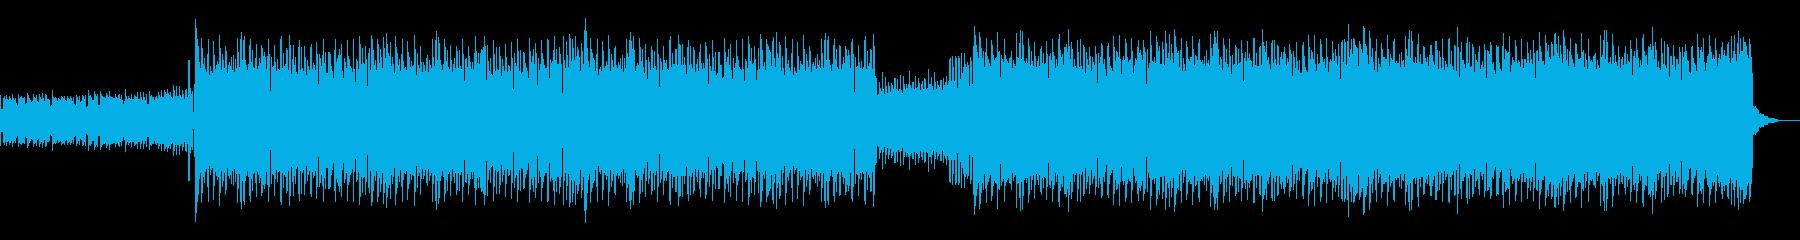 CMや映像に ポップなギターロックの再生済みの波形